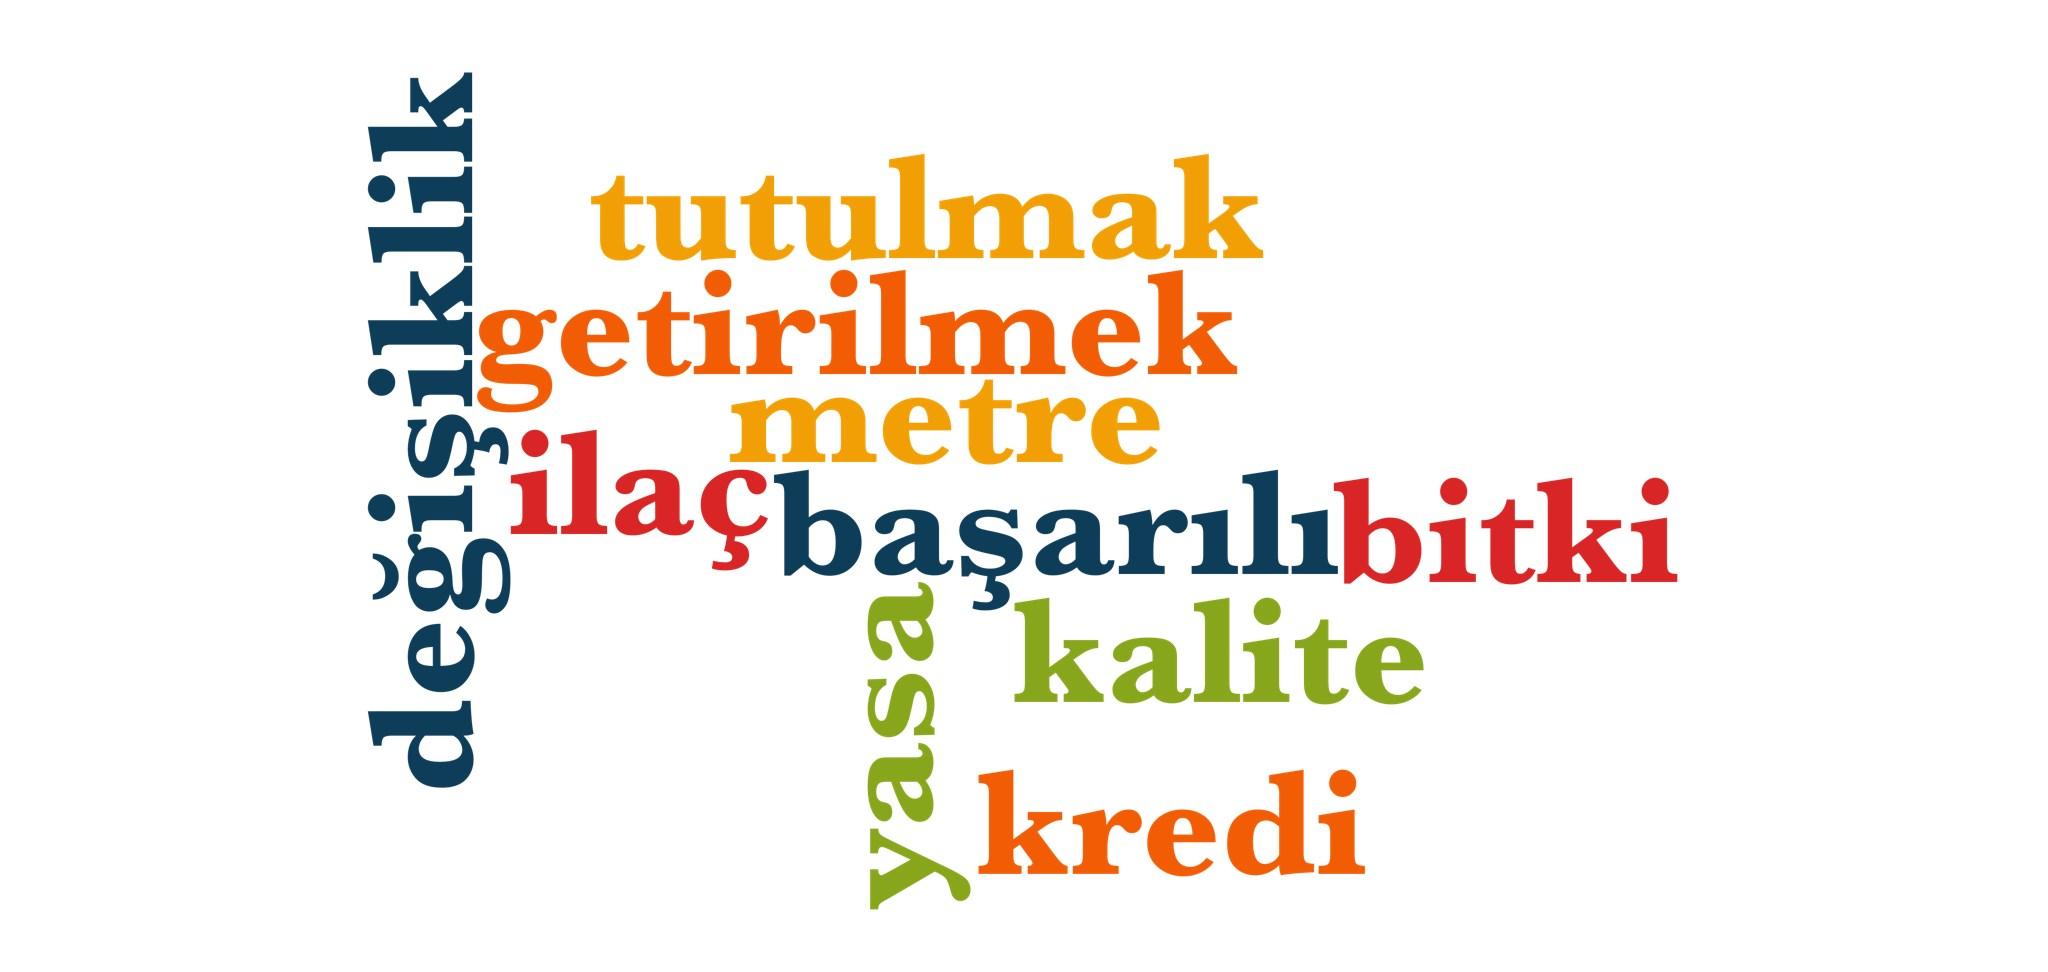 Wörter 681 bis 690 der 1000 häufigsten Wörter der türkischen Sprache